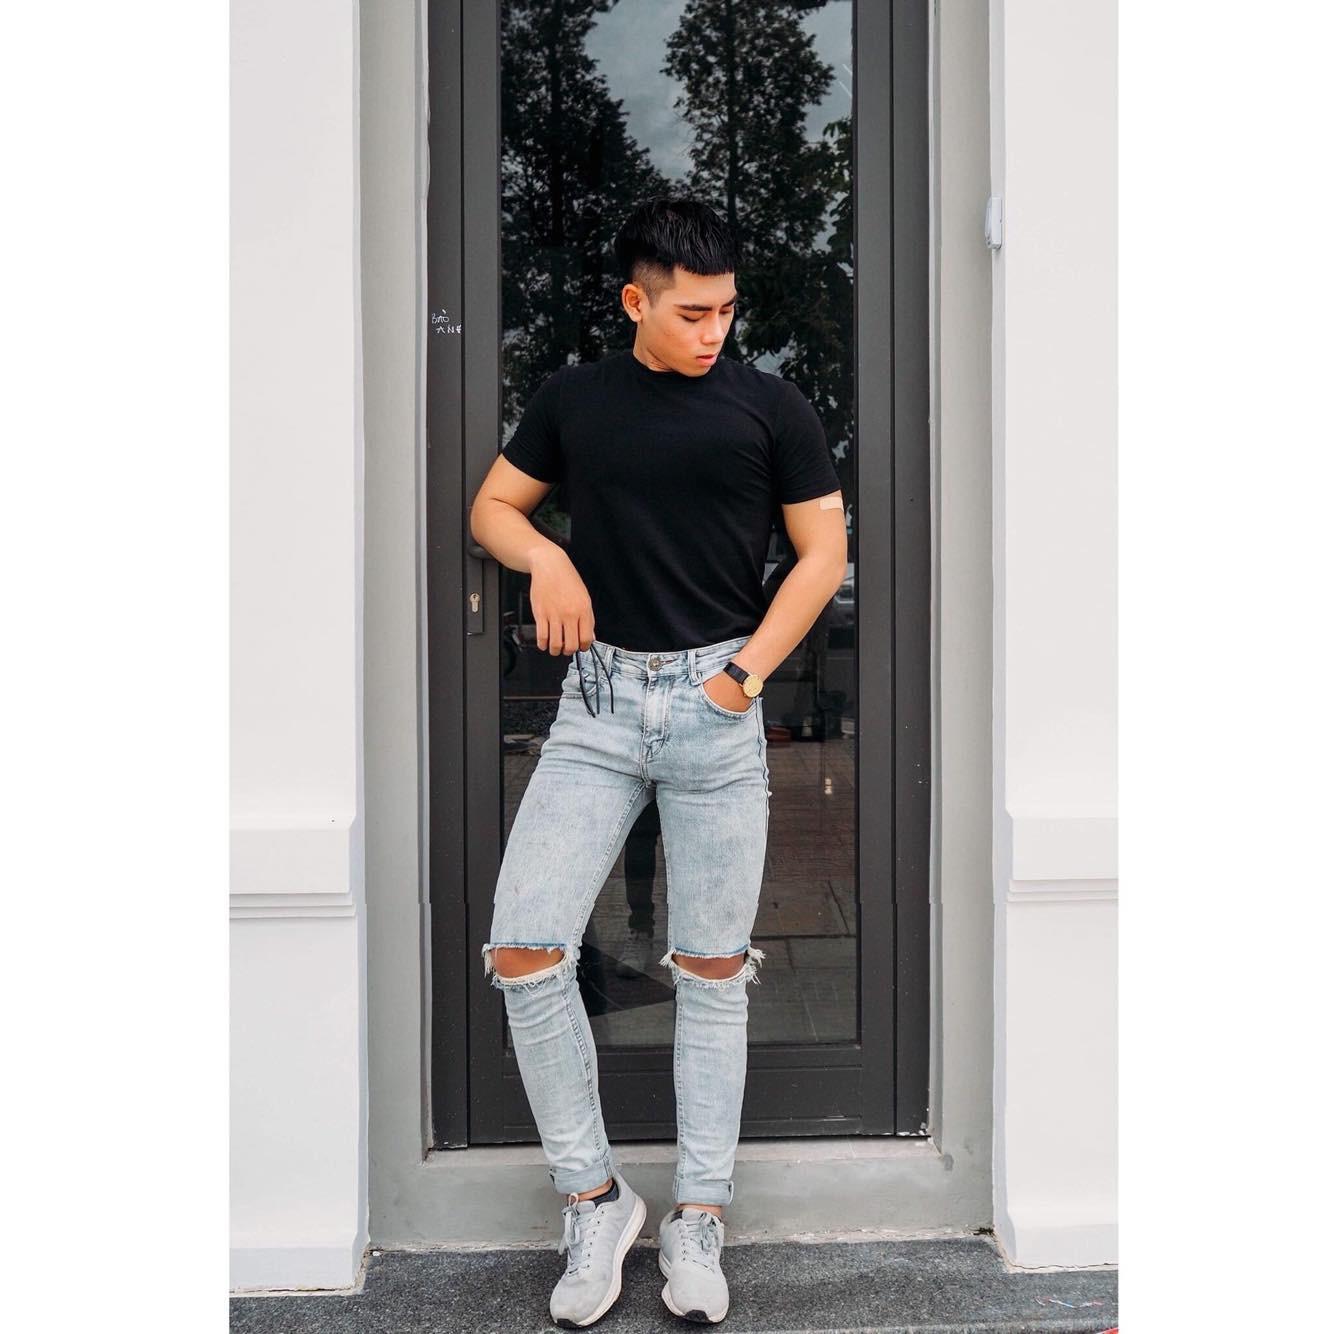 Khánh Sự - cực phẩm LGBT sở hữu những set đồ vừa đơn giản vừa thu hút - Ảnh 5.